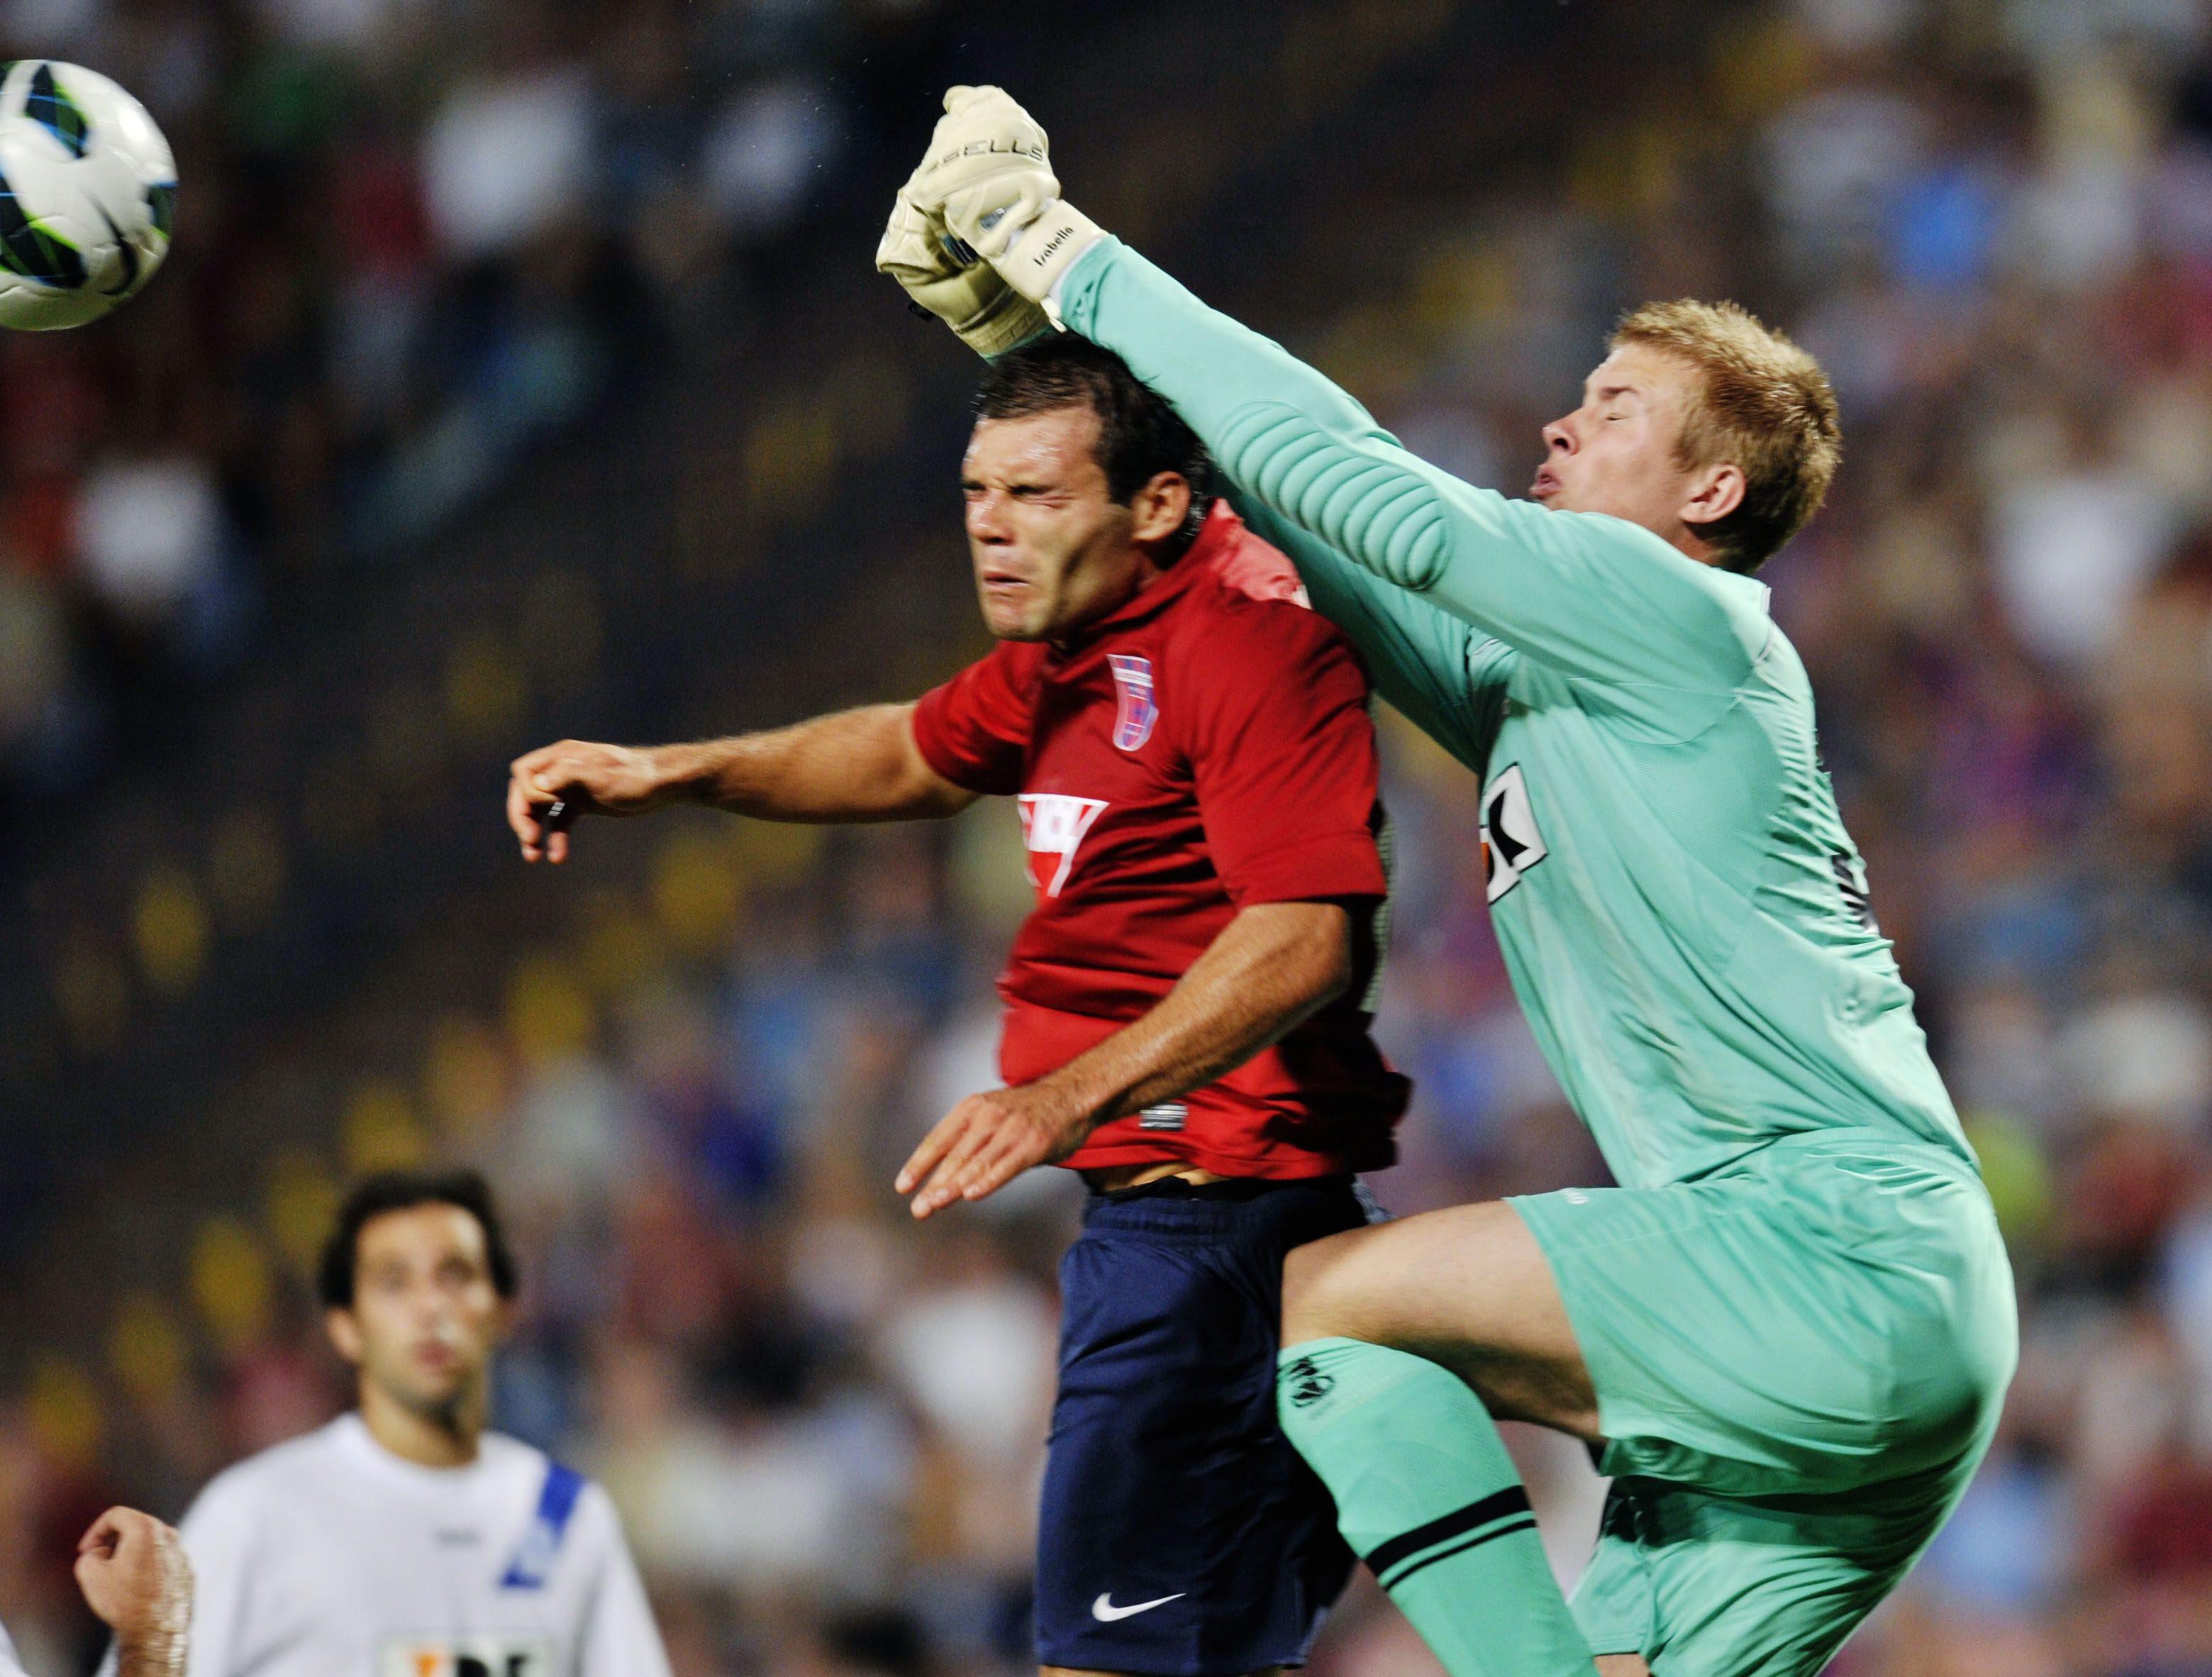 Nikolics Nemanja 3 országban, 4 egymást követő évben is gólkirály lett